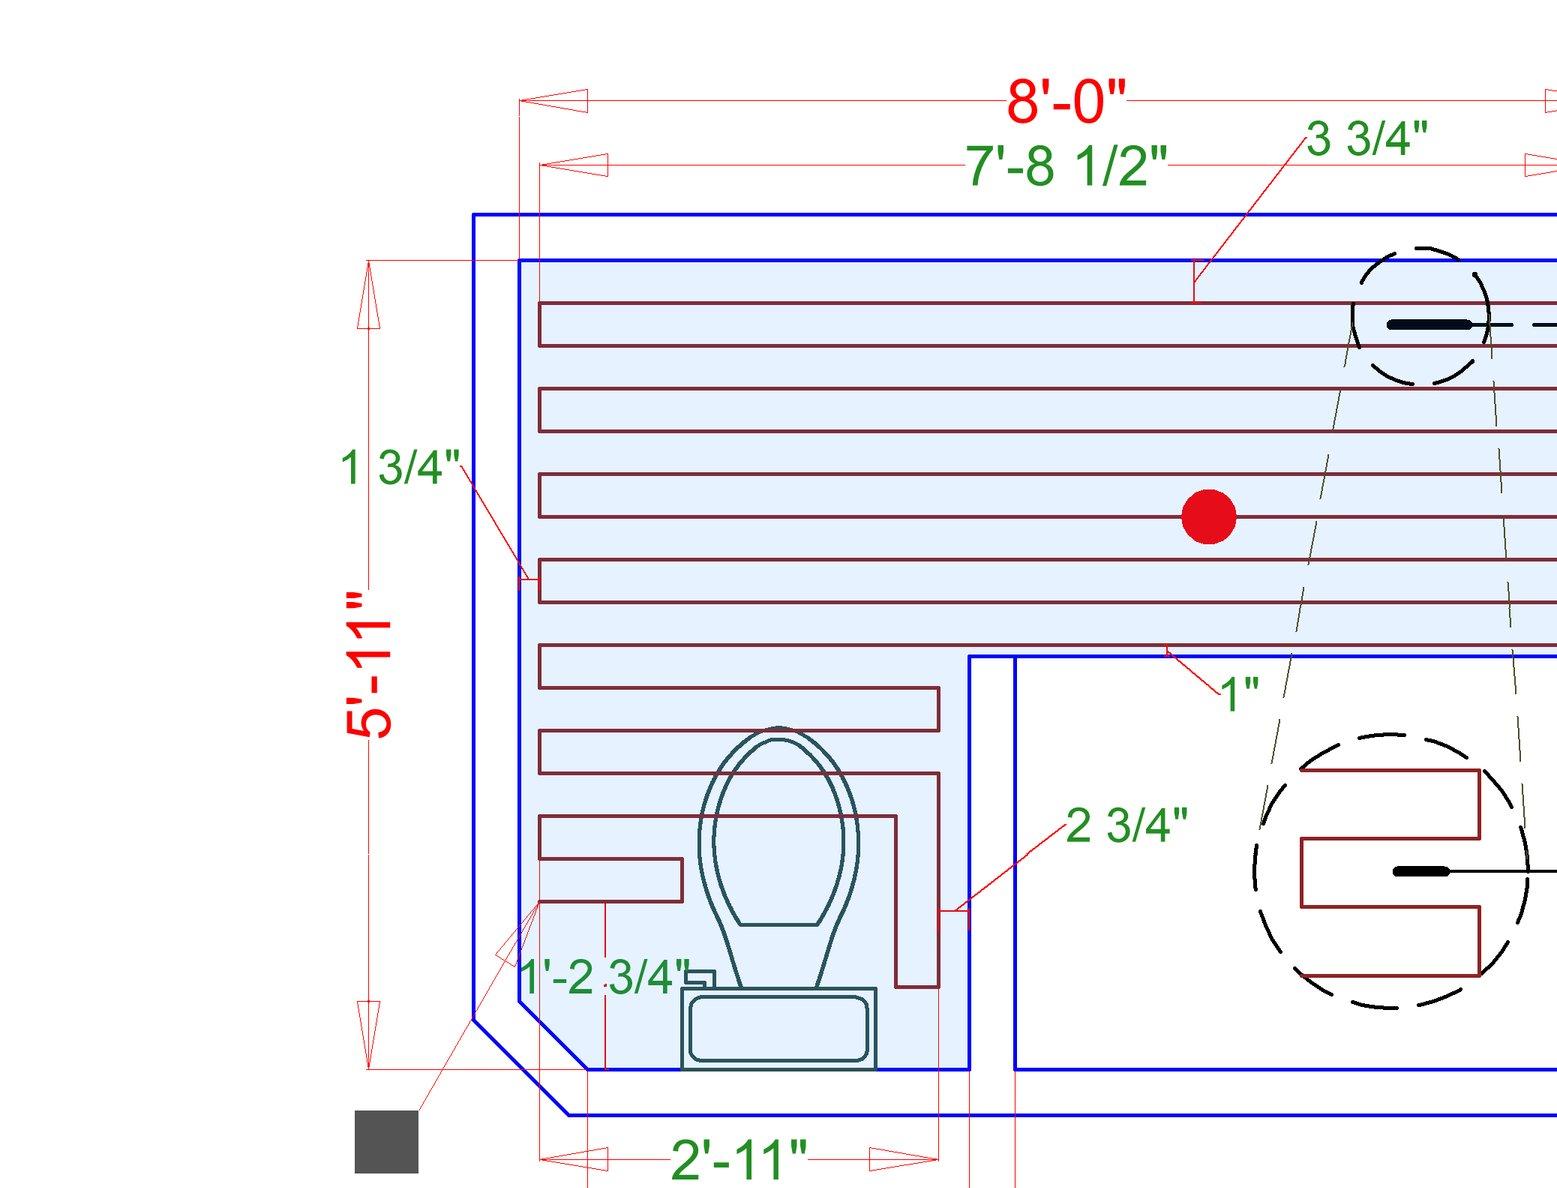 Electric Floor Heating Smartplan in Master Bathroom with TempZone Flex Roll